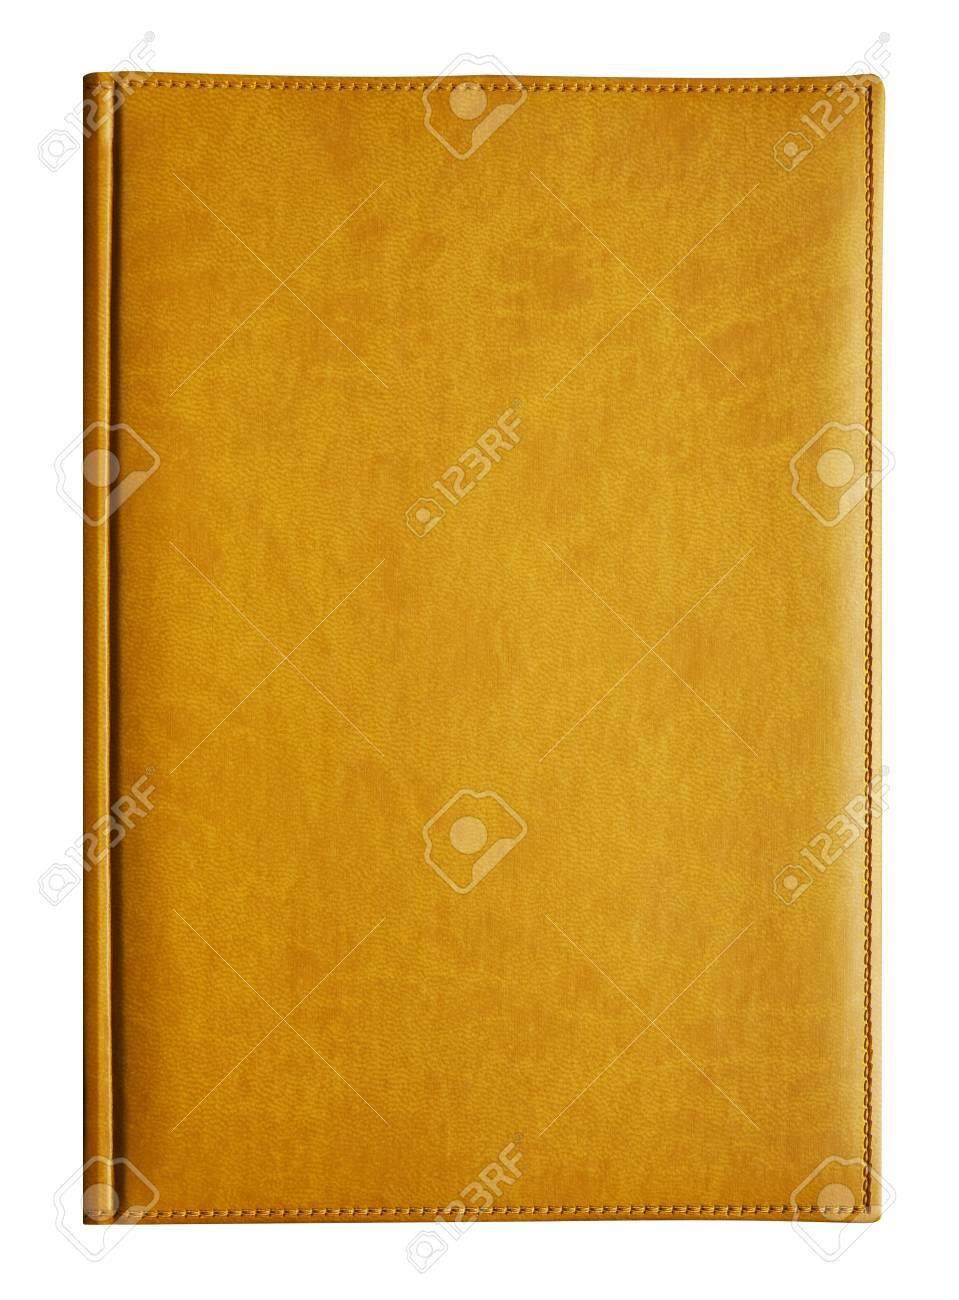 白で隔離されるイエロー ブック の写真素材・画像素材 Image 24001045.